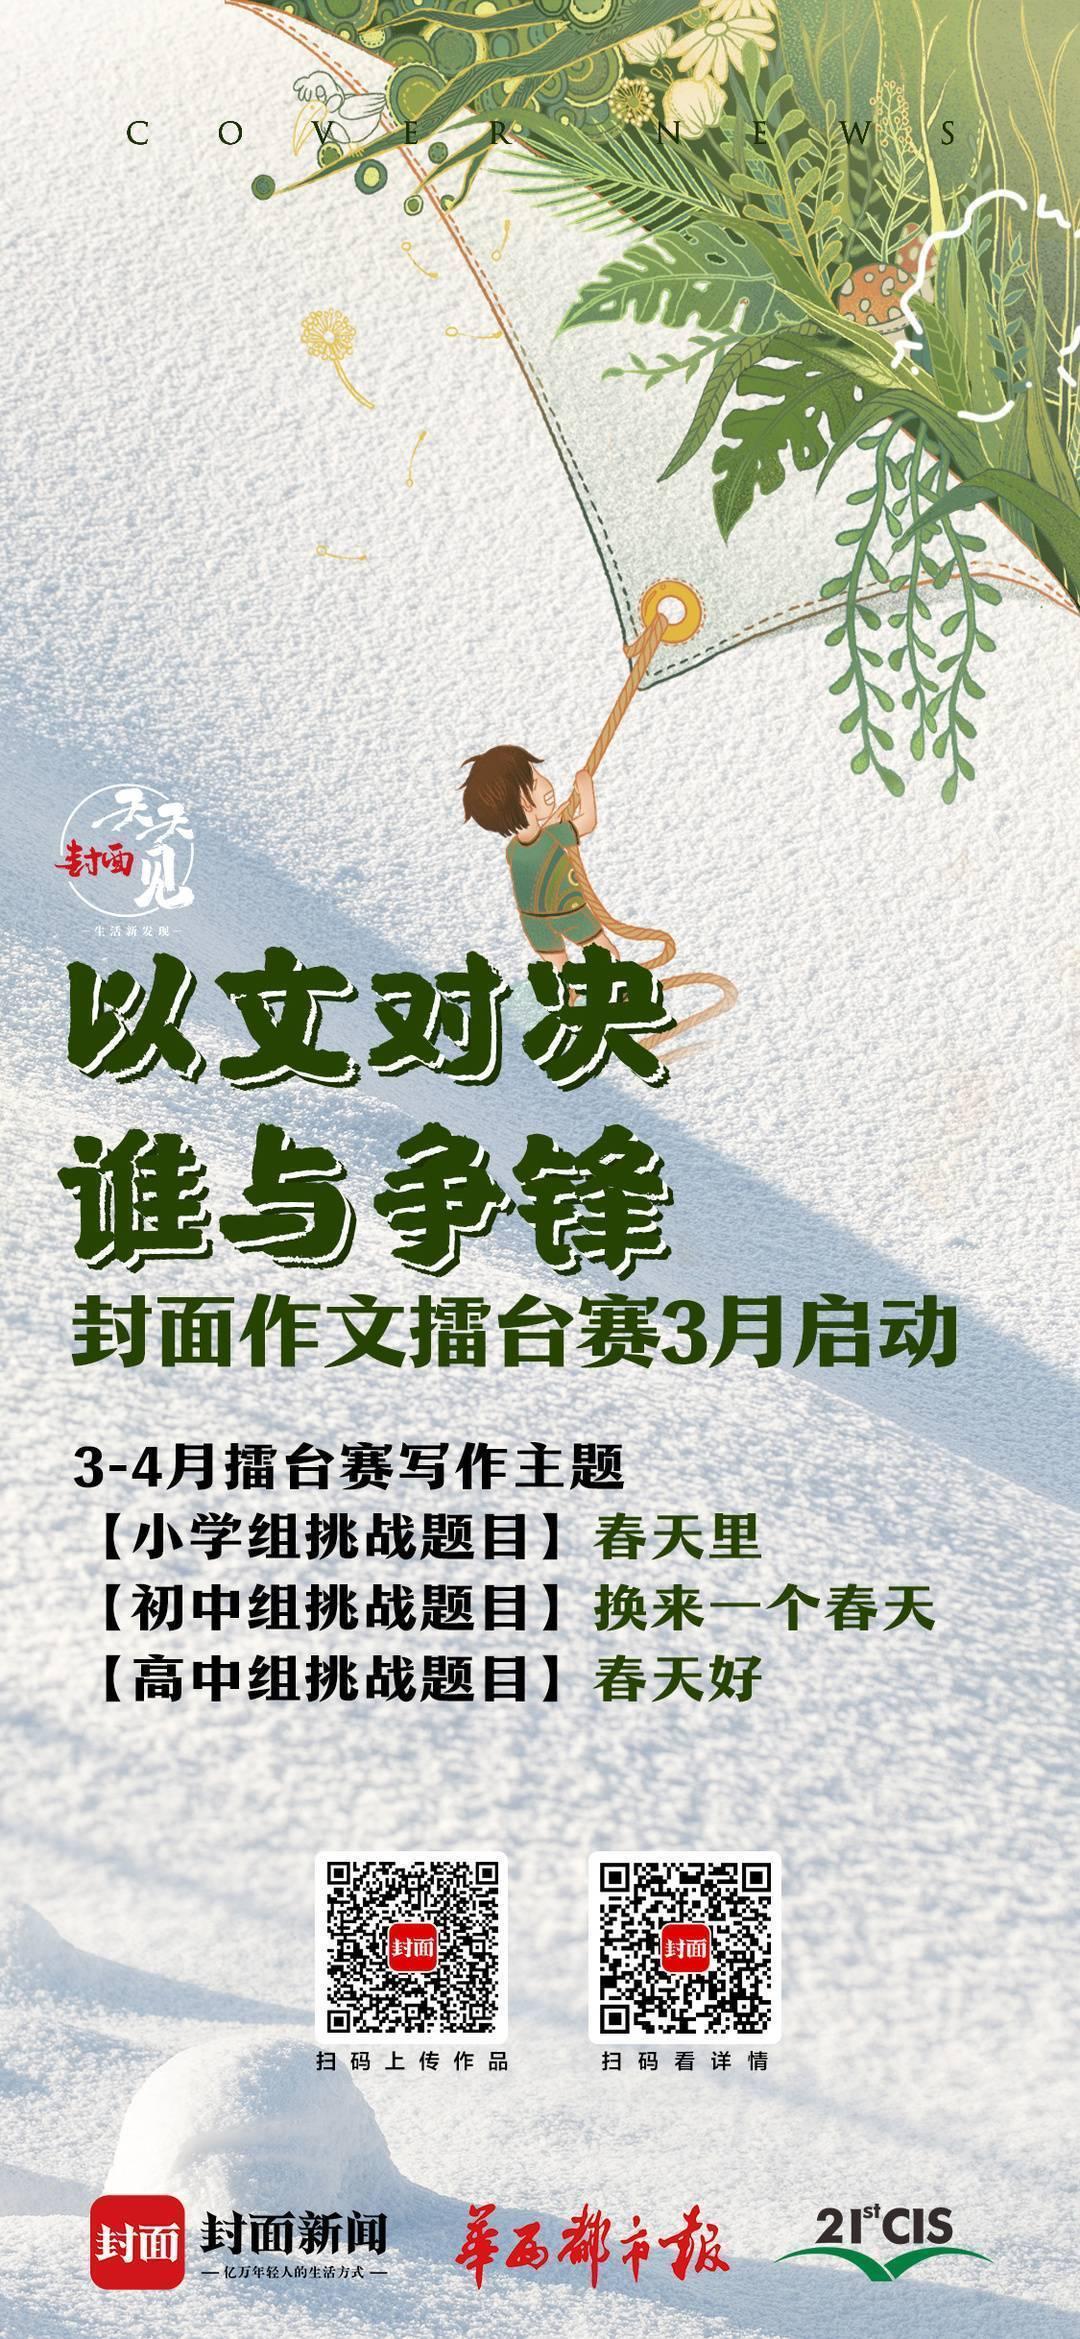 作文擂台赛 · 成都外国语学校附属小学| 唐阅童:春天里